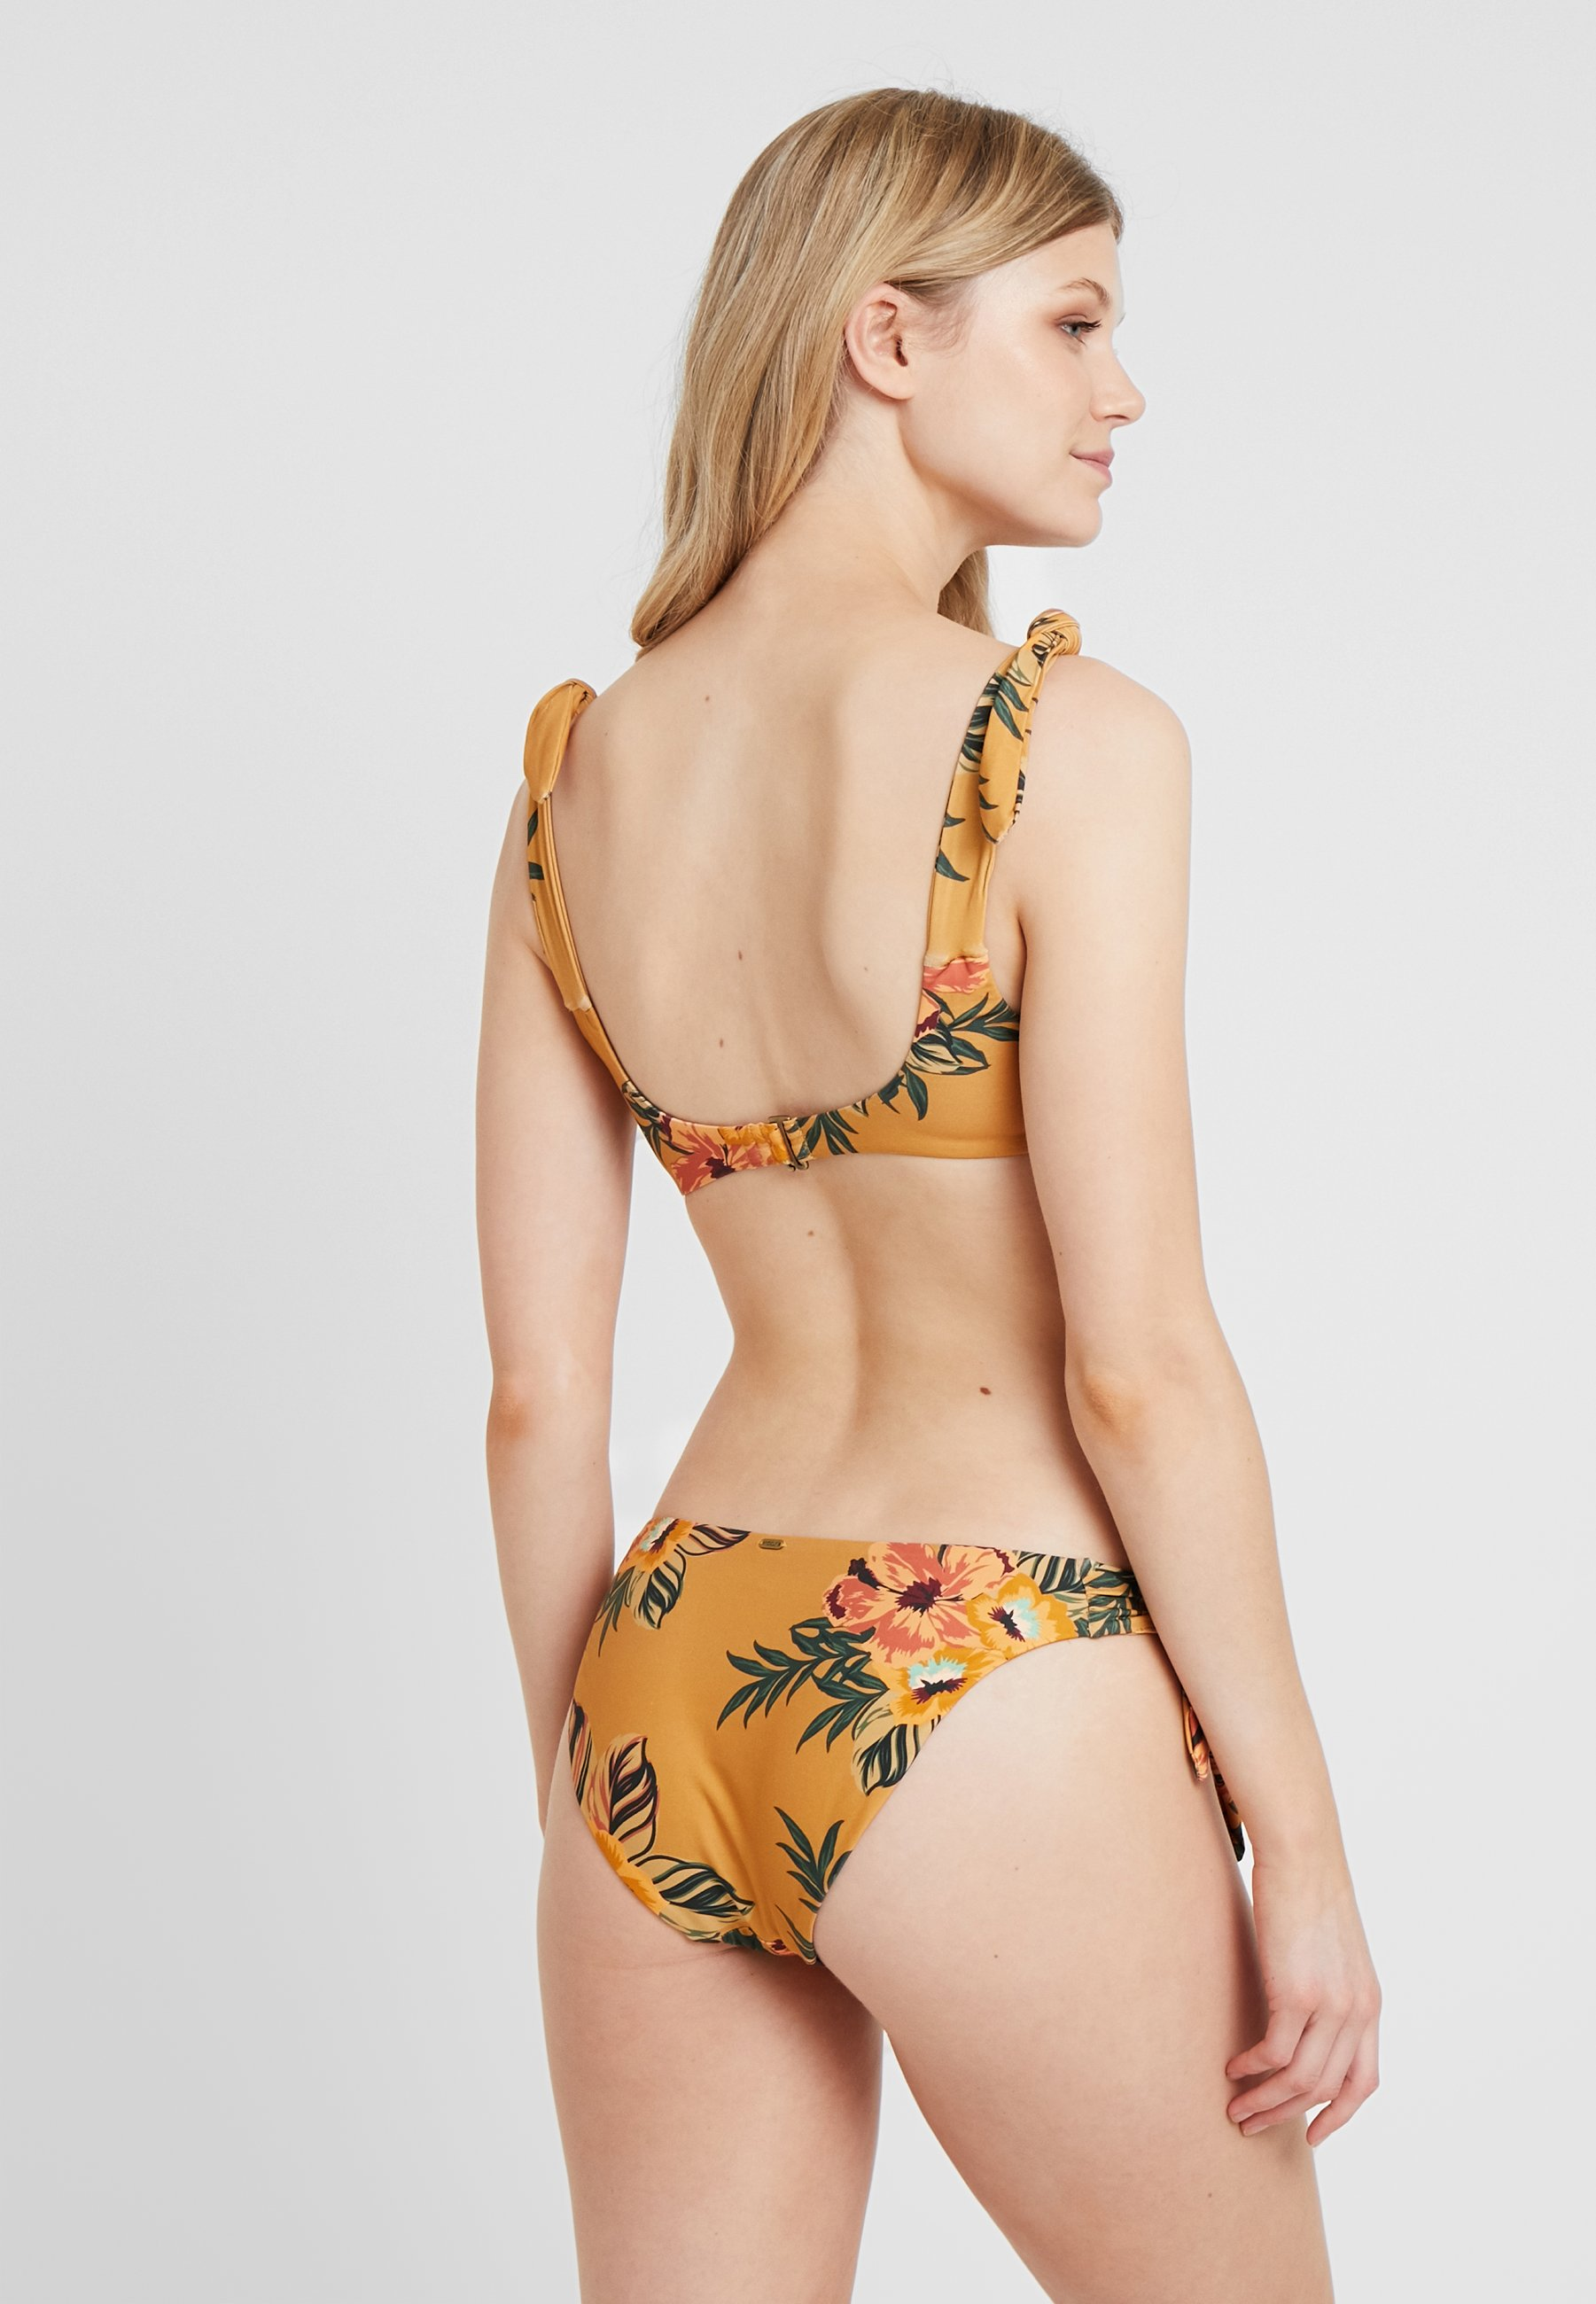 Rust Rip Curl Sun ChasersHaut Bikini De nwmN80